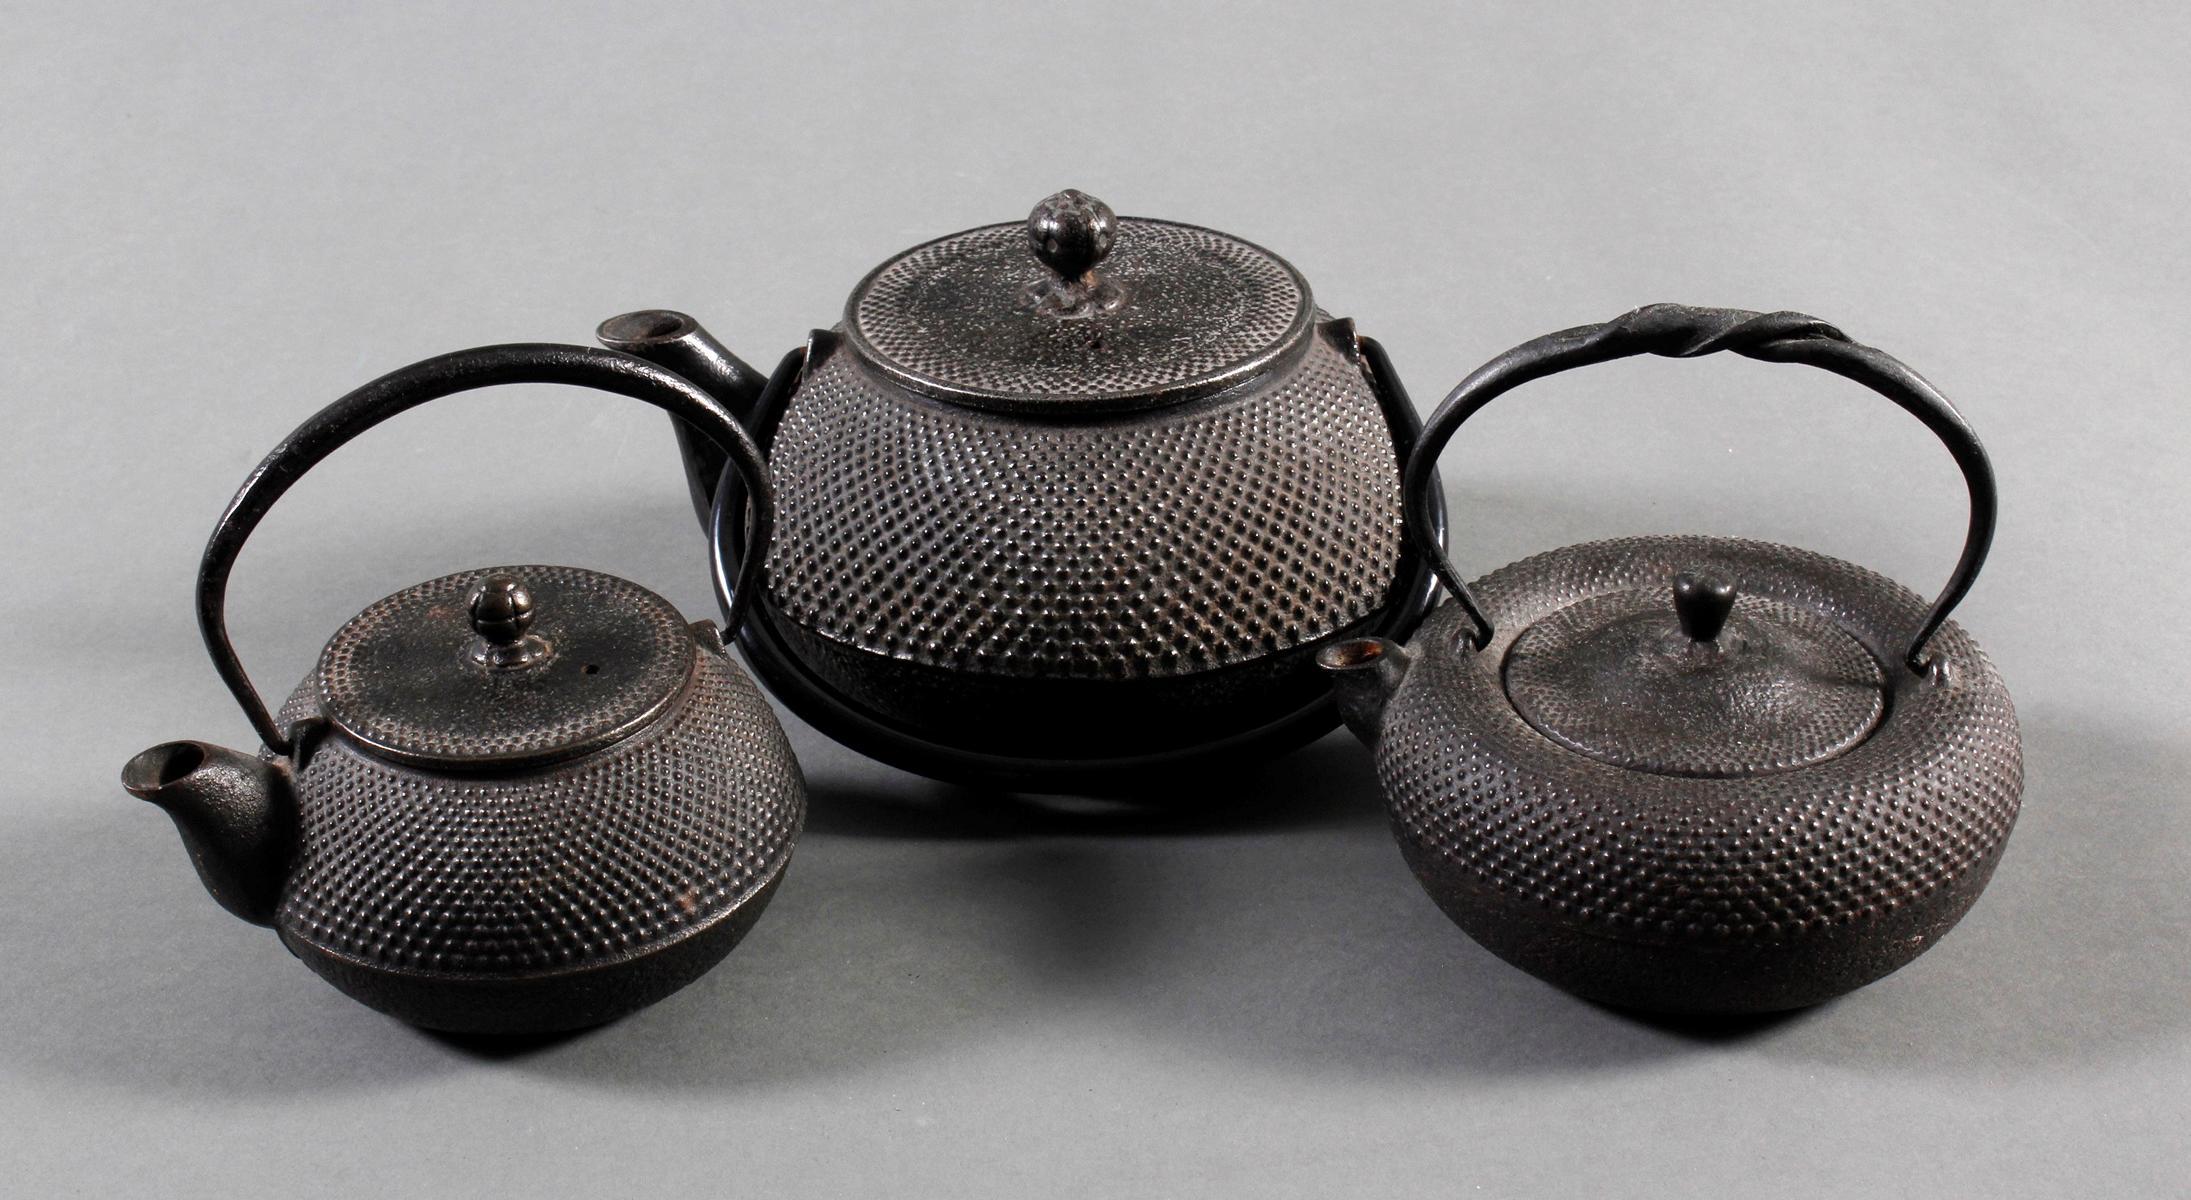 3 Teekannen (Tesubin) aus Eisen, Japan/China 19. Jh.